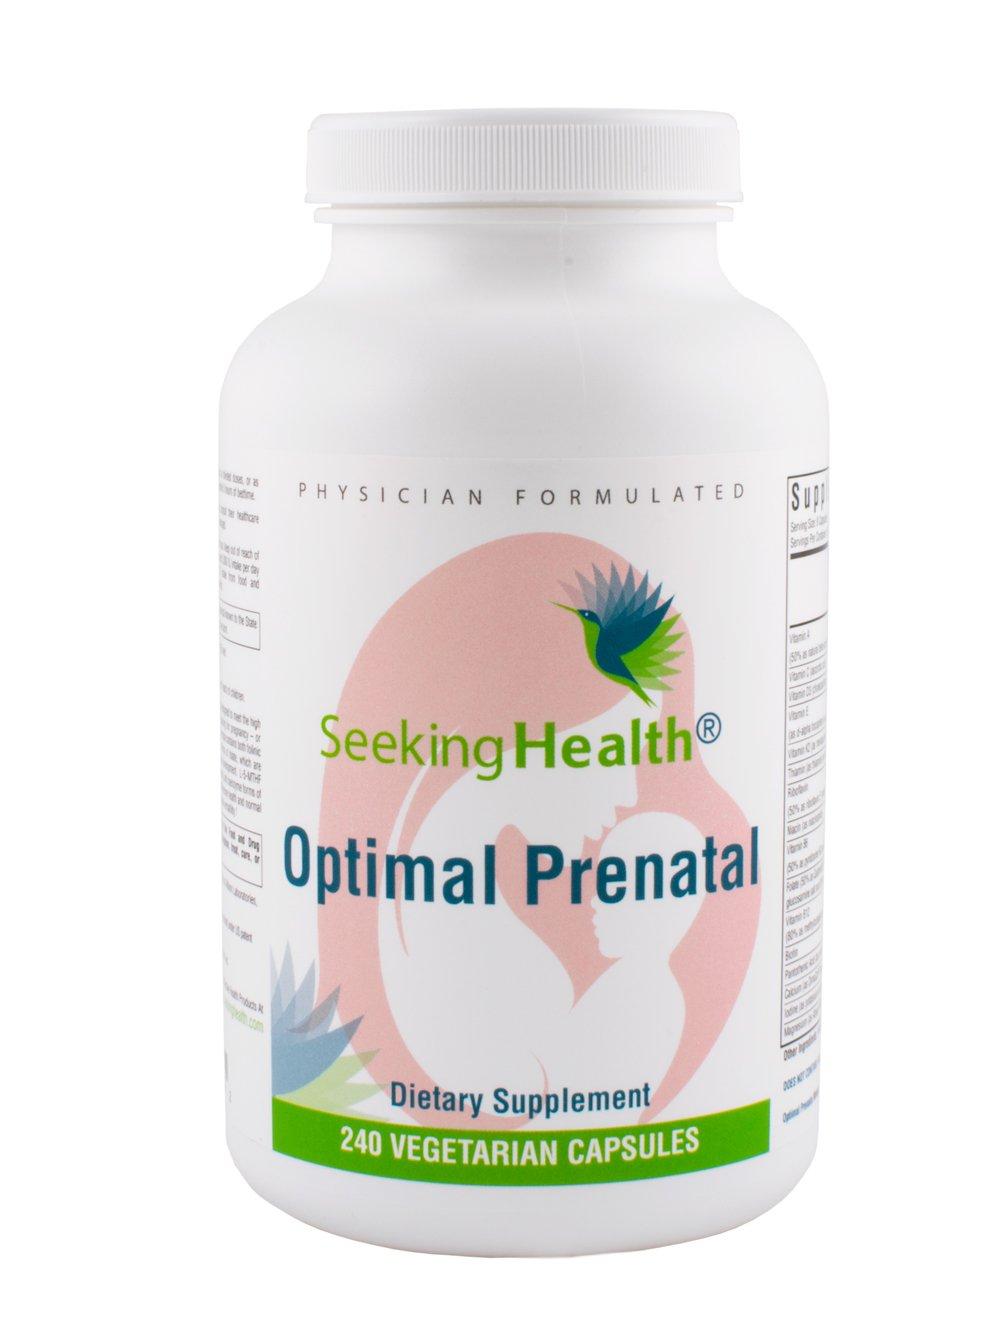 Optimal Prenatal | 240 Vegetarian Capsules | Iron Free | Physician Formulated | Seeking Health